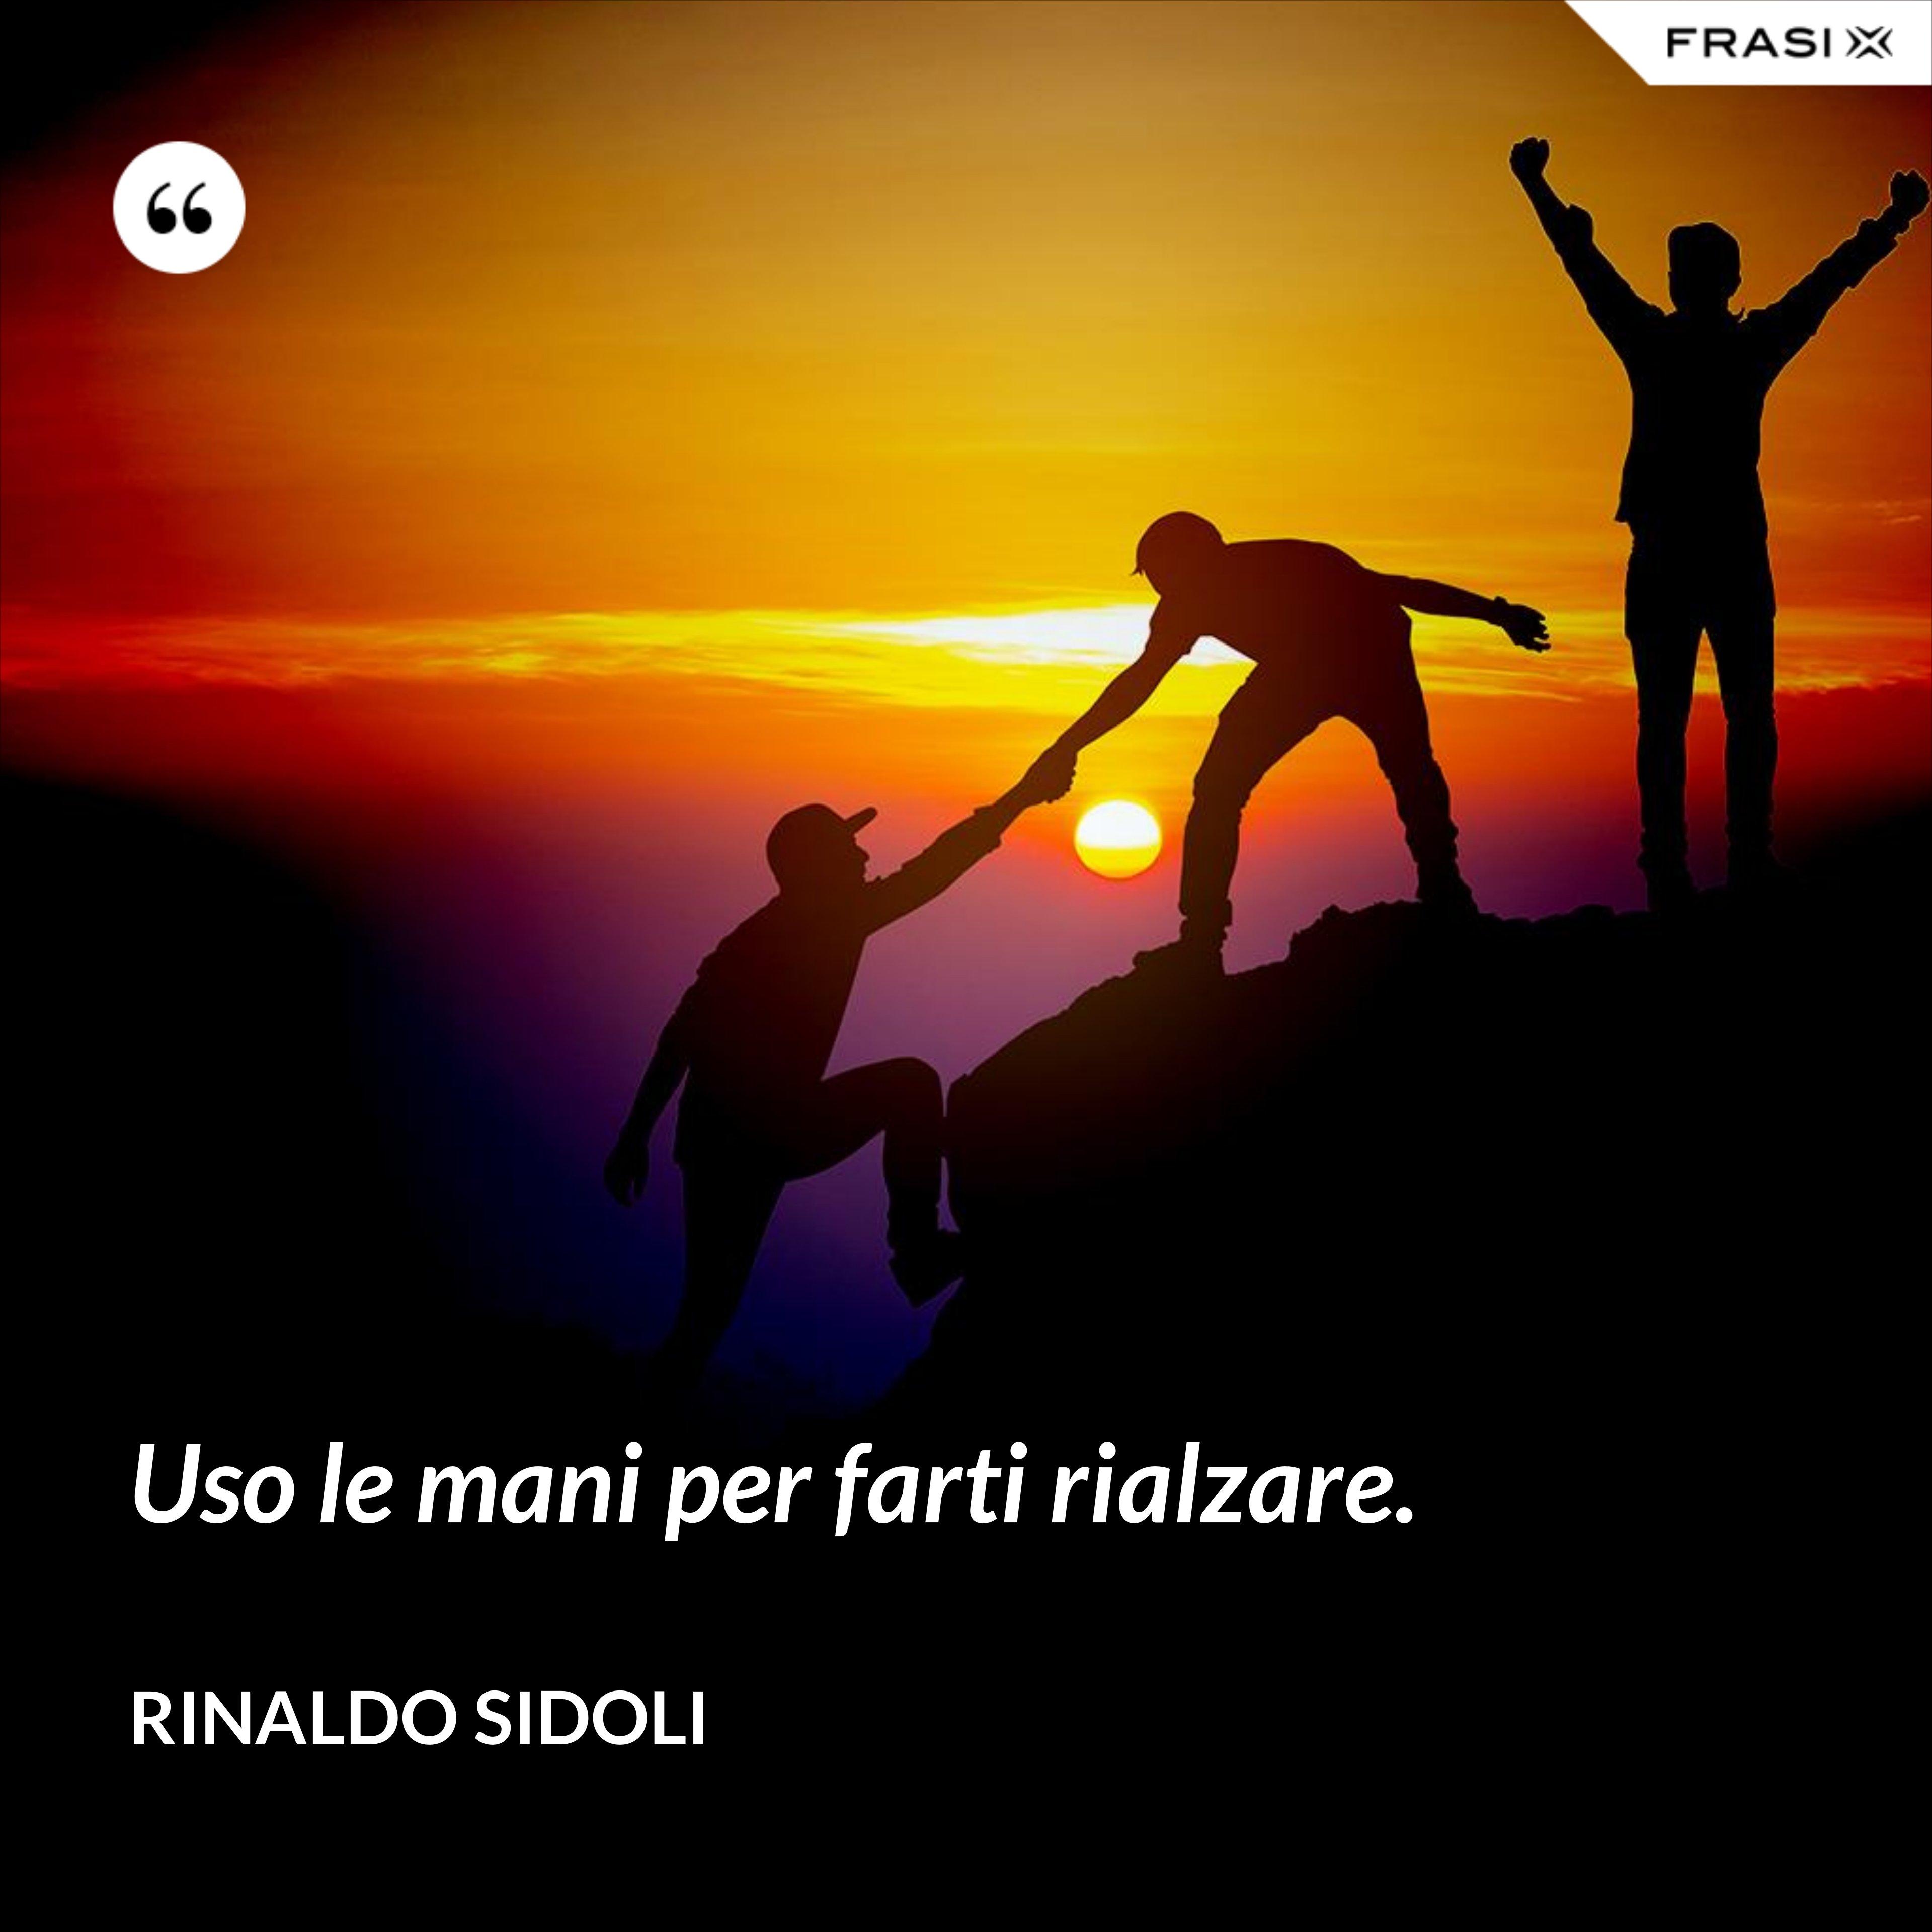 Uso le mani per farti rialzare. - Rinaldo Sidoli